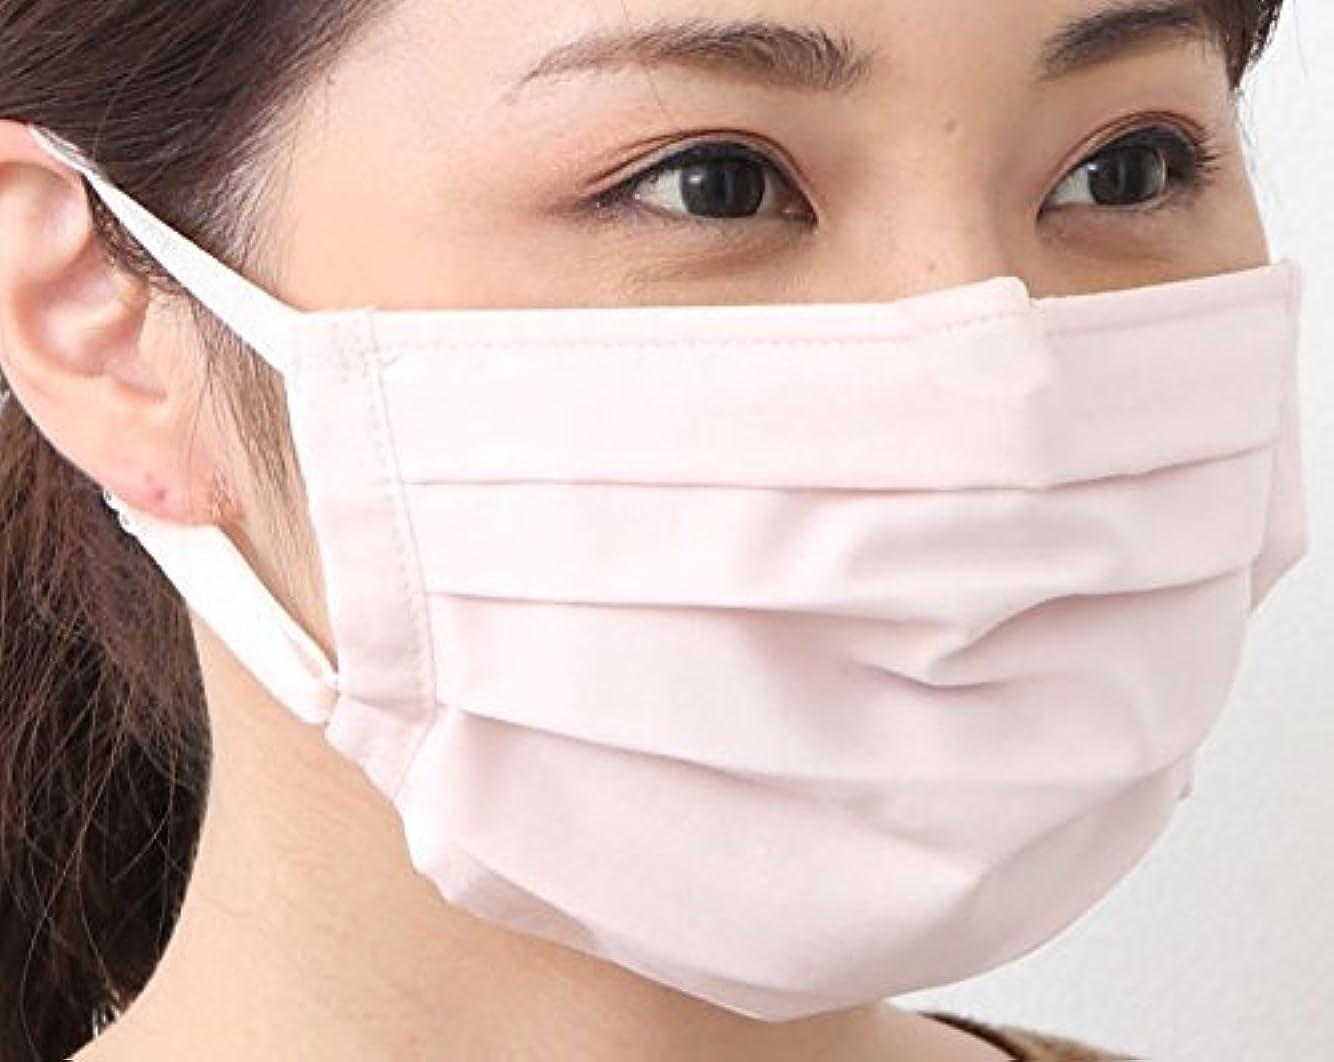 買収白鳥適応するツーヨン UVカット マスク プリーツタイプ2枚入り 繰り返し使える < 長時間着用しても 耳が痛くならない > 【 紫外線対策 遮蔽率92% 】 日本製 生地使用 【 チェリーピンク】 T-78CH